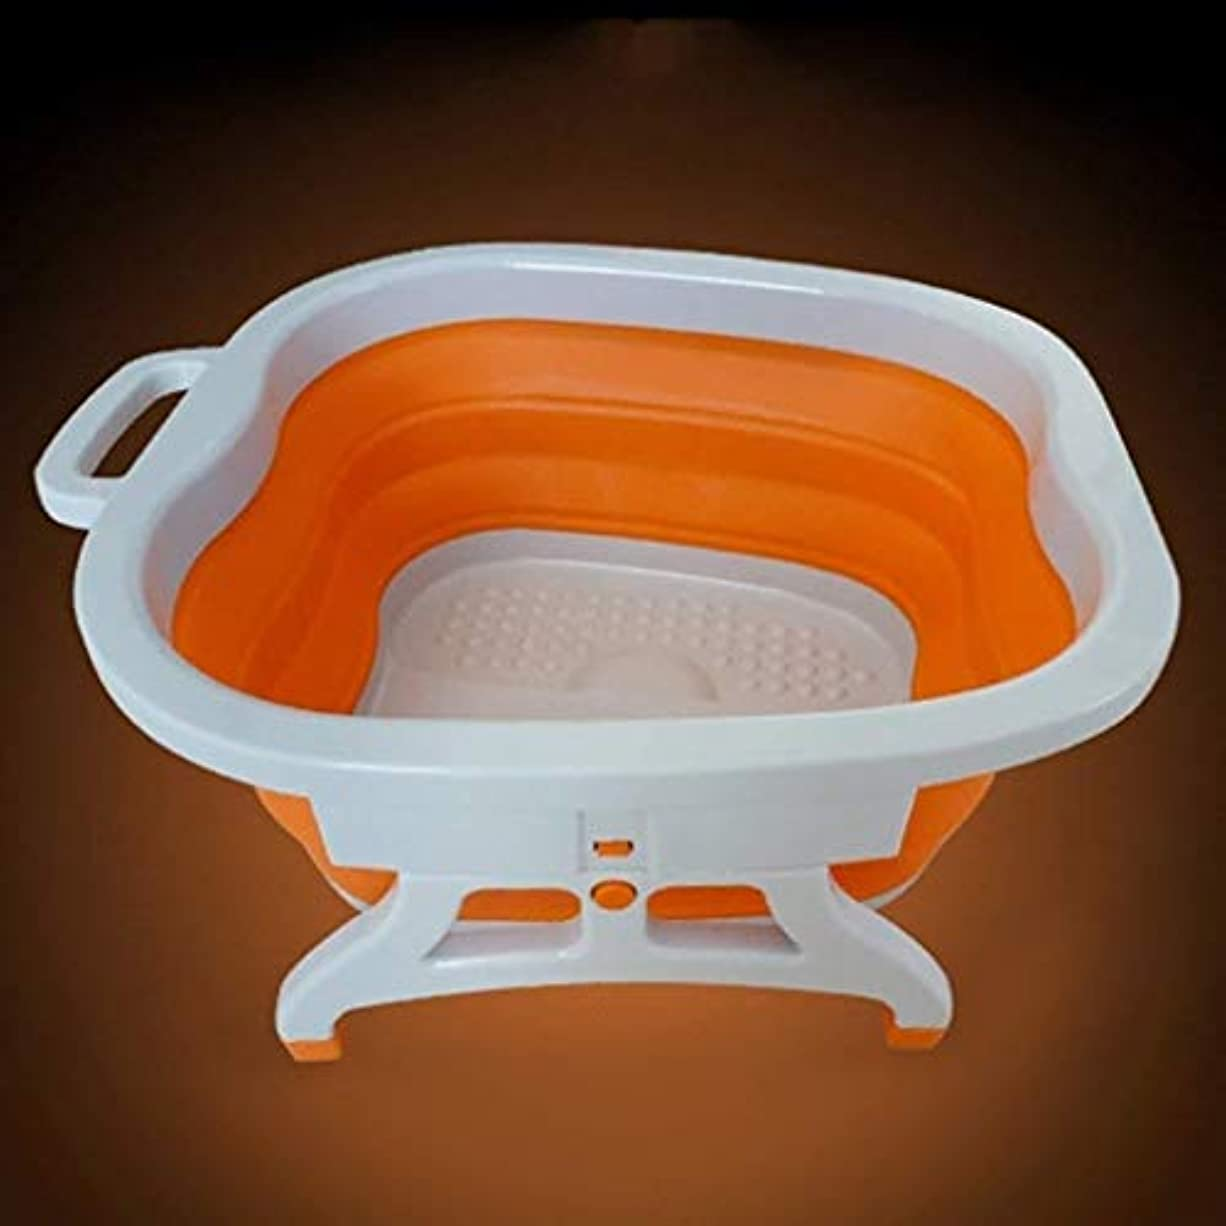 オーストラリア資産割り当てフットバスバレル、スクエア発泡プラスチックボウル、取っ手付きポータブルフットバスバレル、多機能、折り畳み式 (Color : オレンジ)